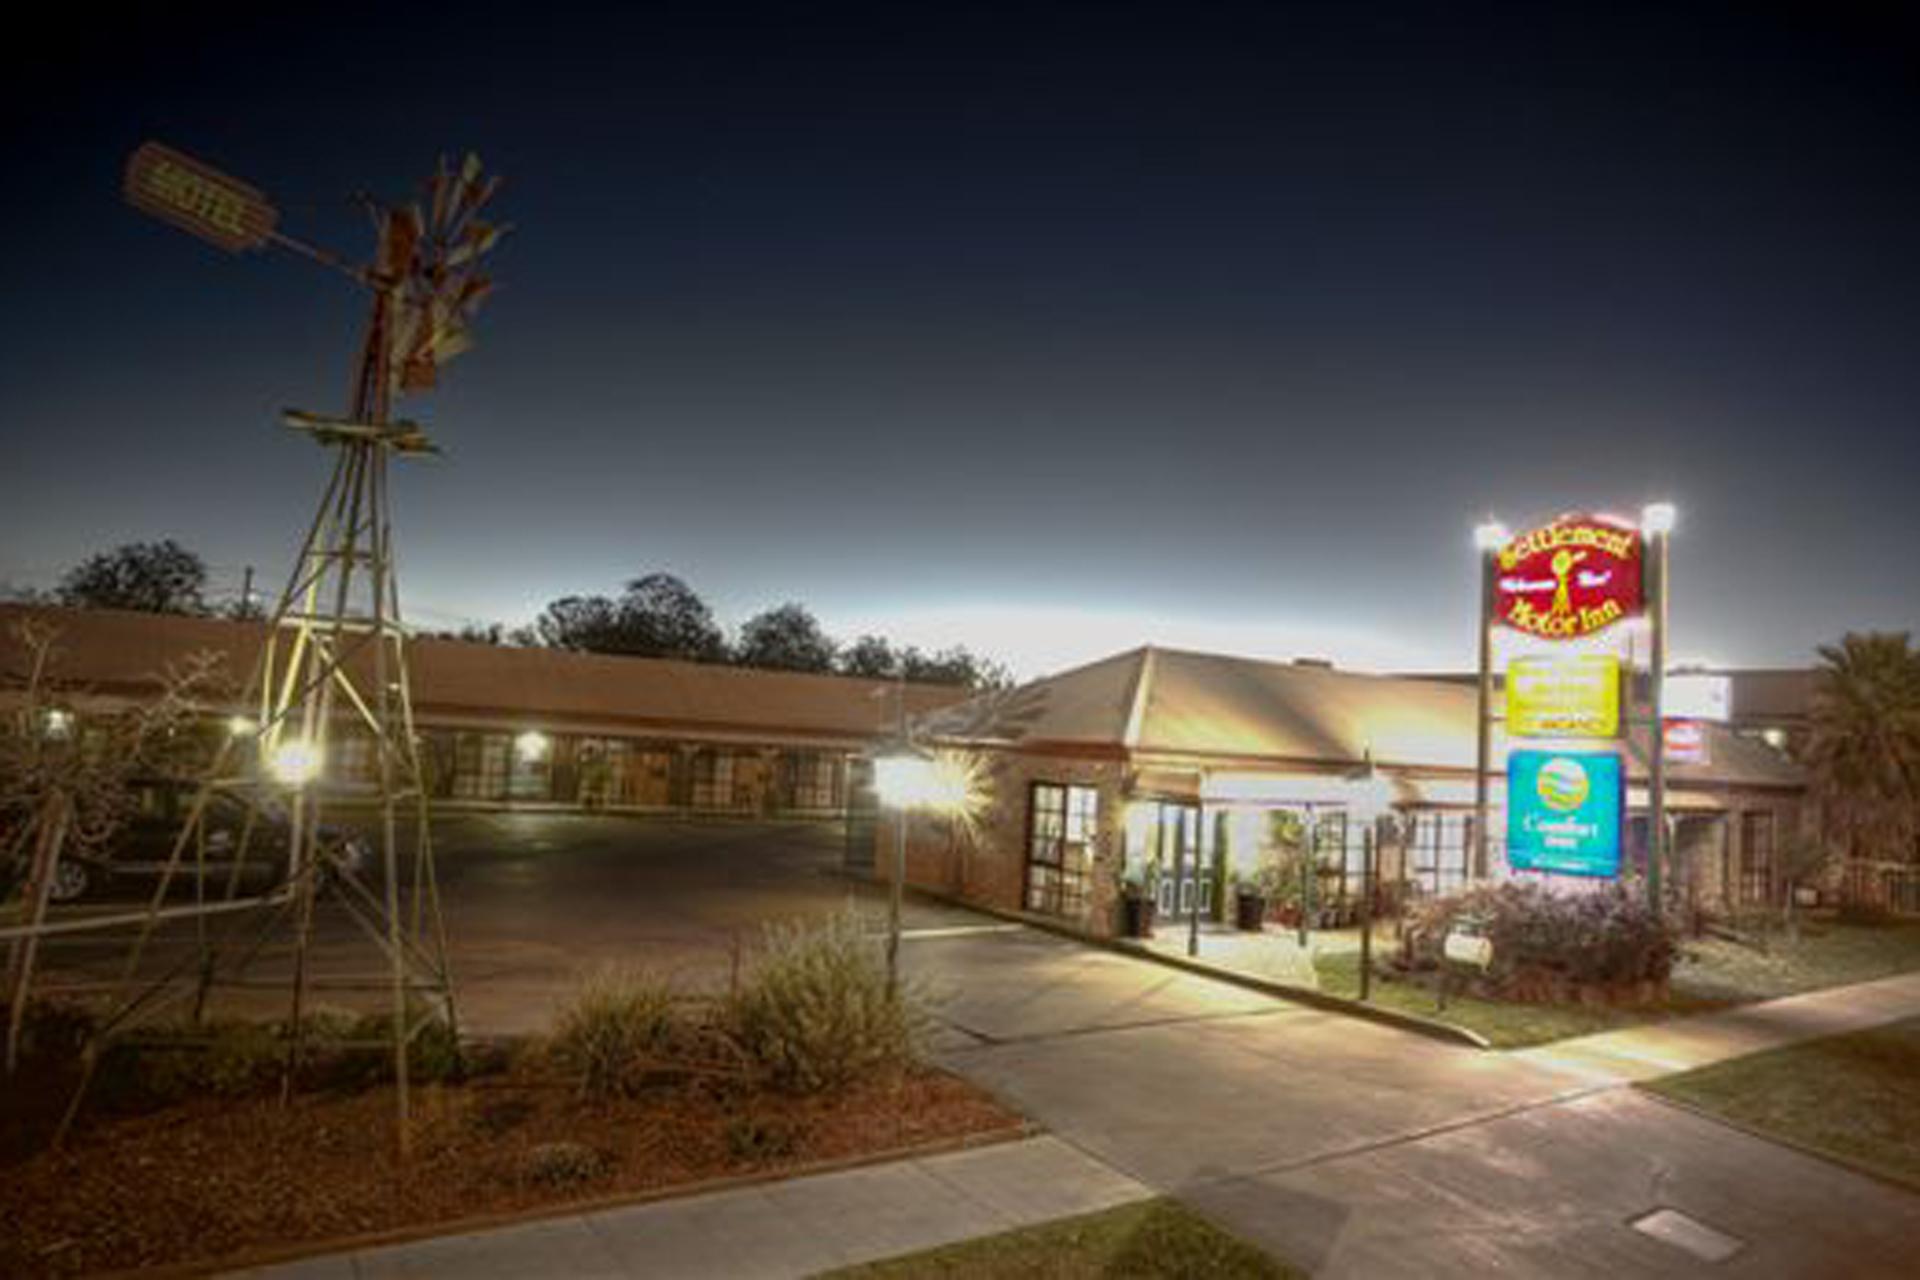 c - Settlement Motor Inn